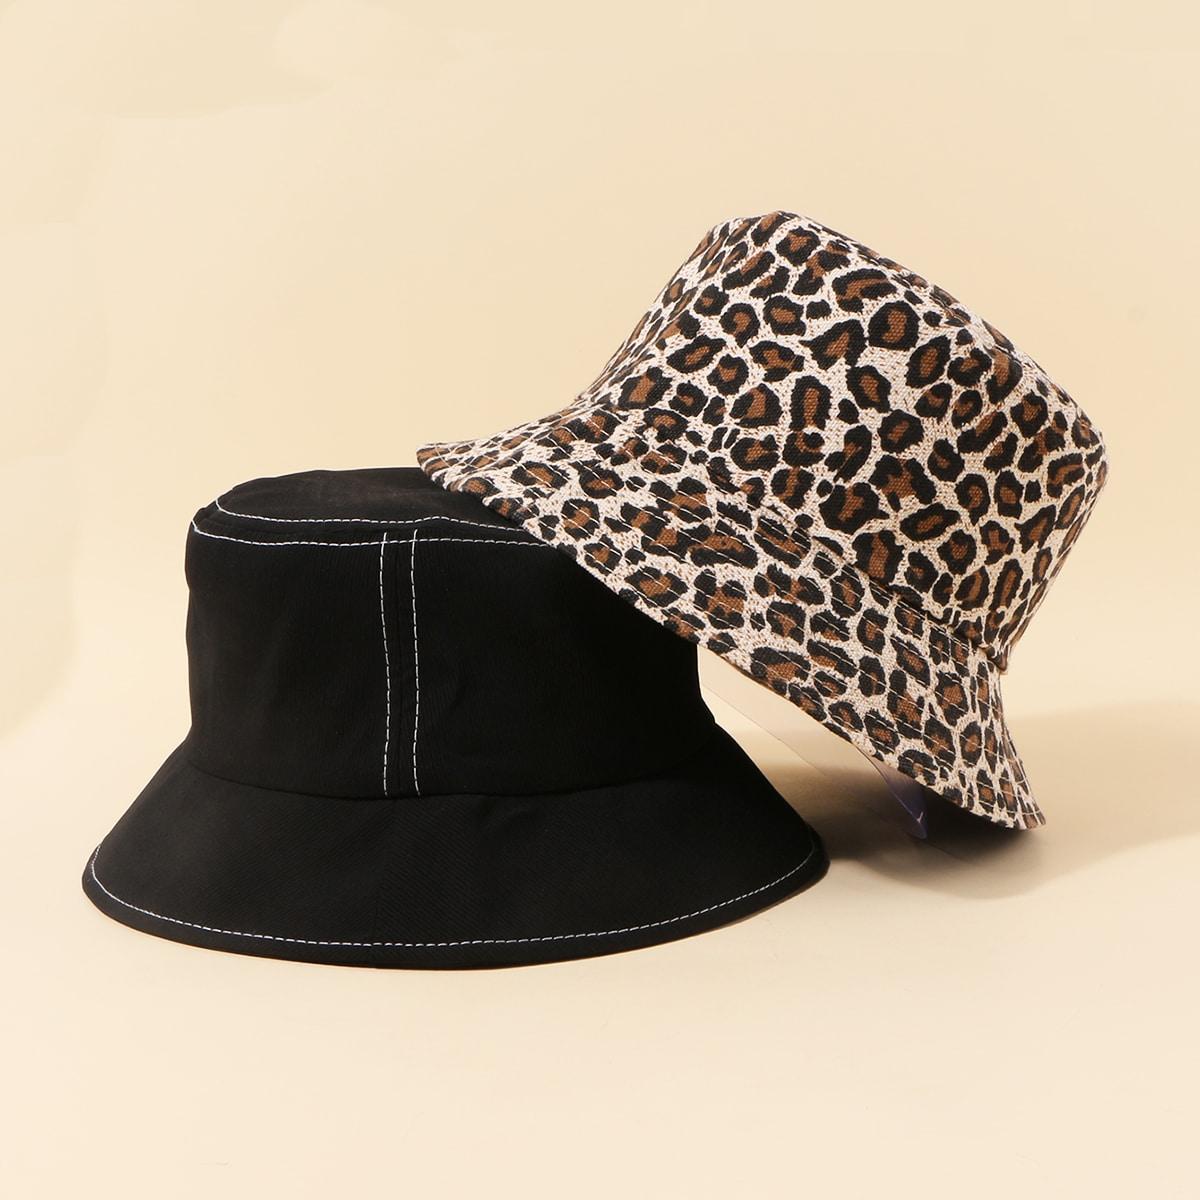 2шт шляпа с леопардовым узором